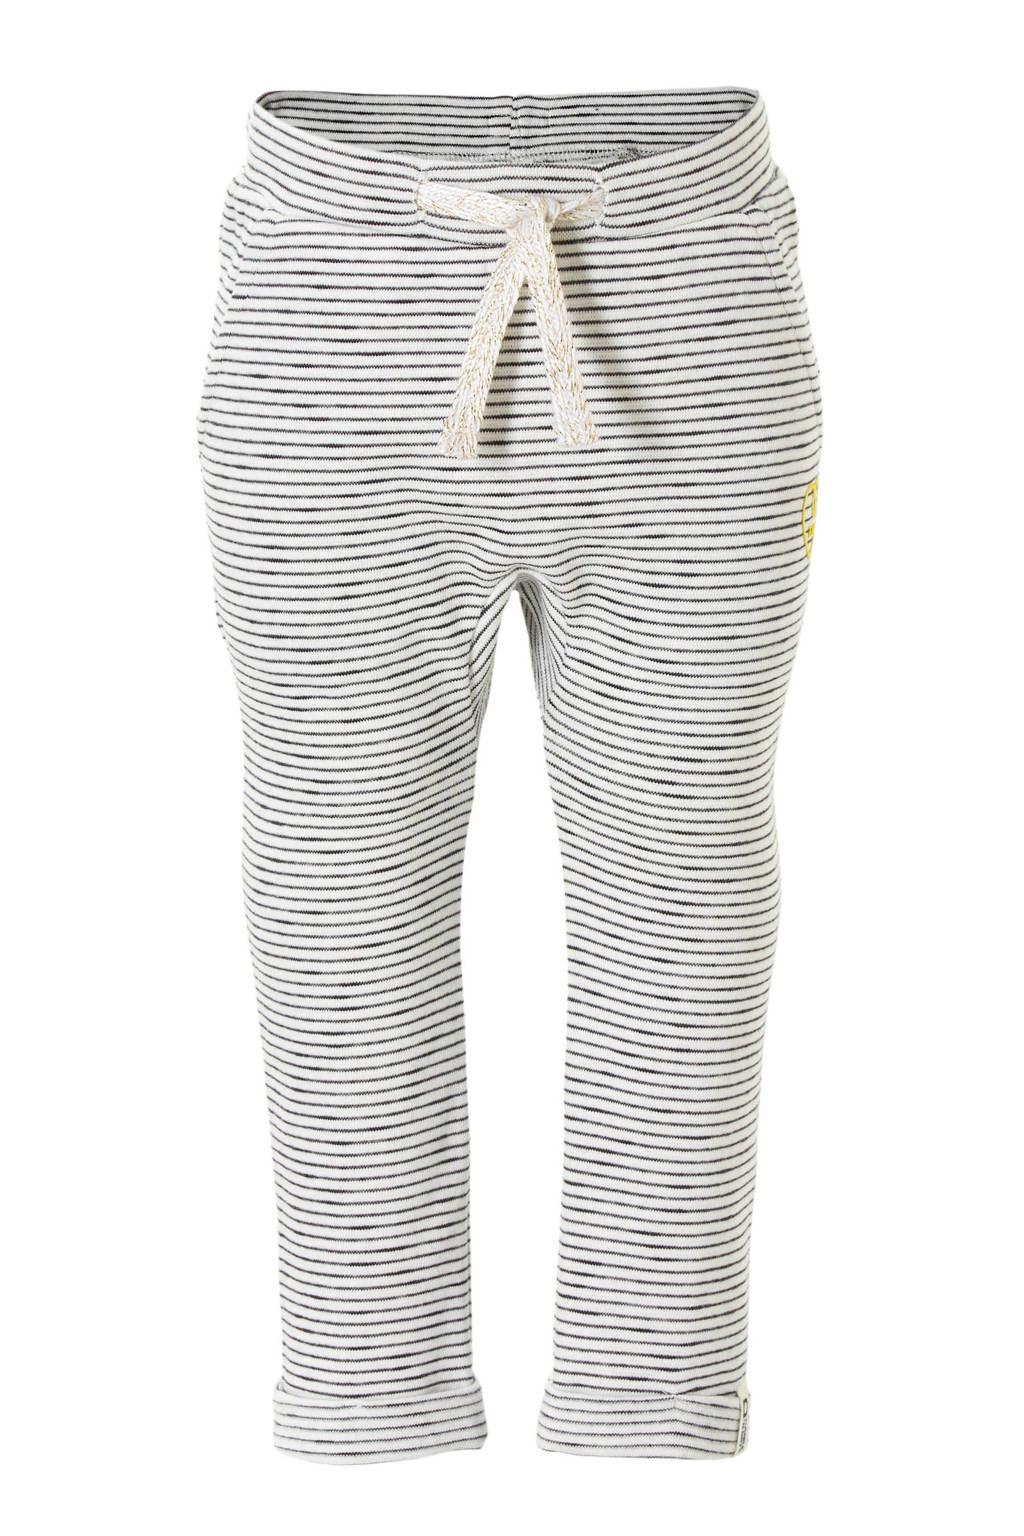 Tumble 'n Dry Lo broek Elnora met strepen, wit/ grijs